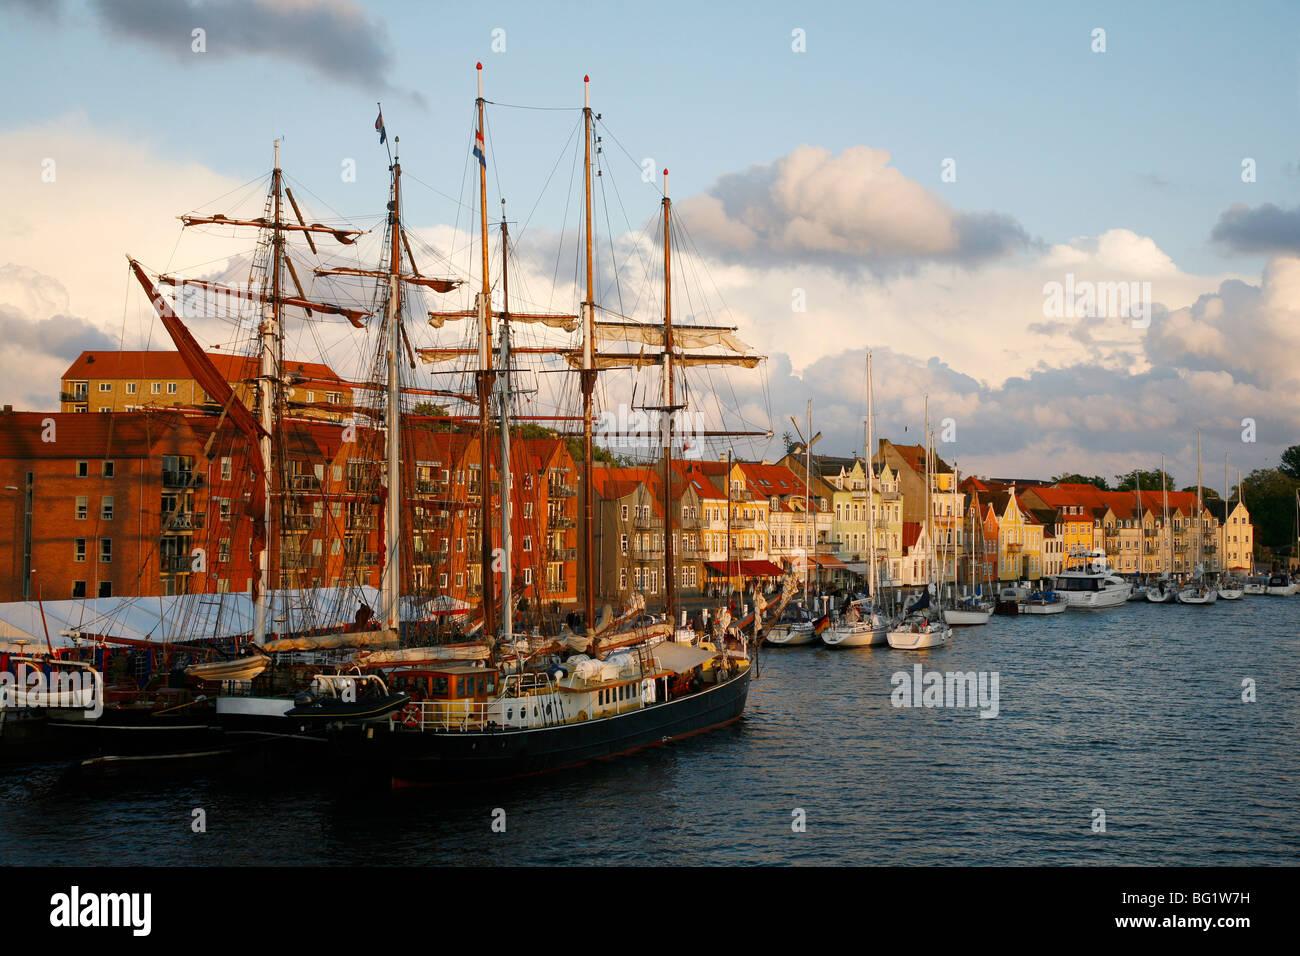 Sonderborg Denmark Stock Photos & Sonderborg Denmark Stock ...